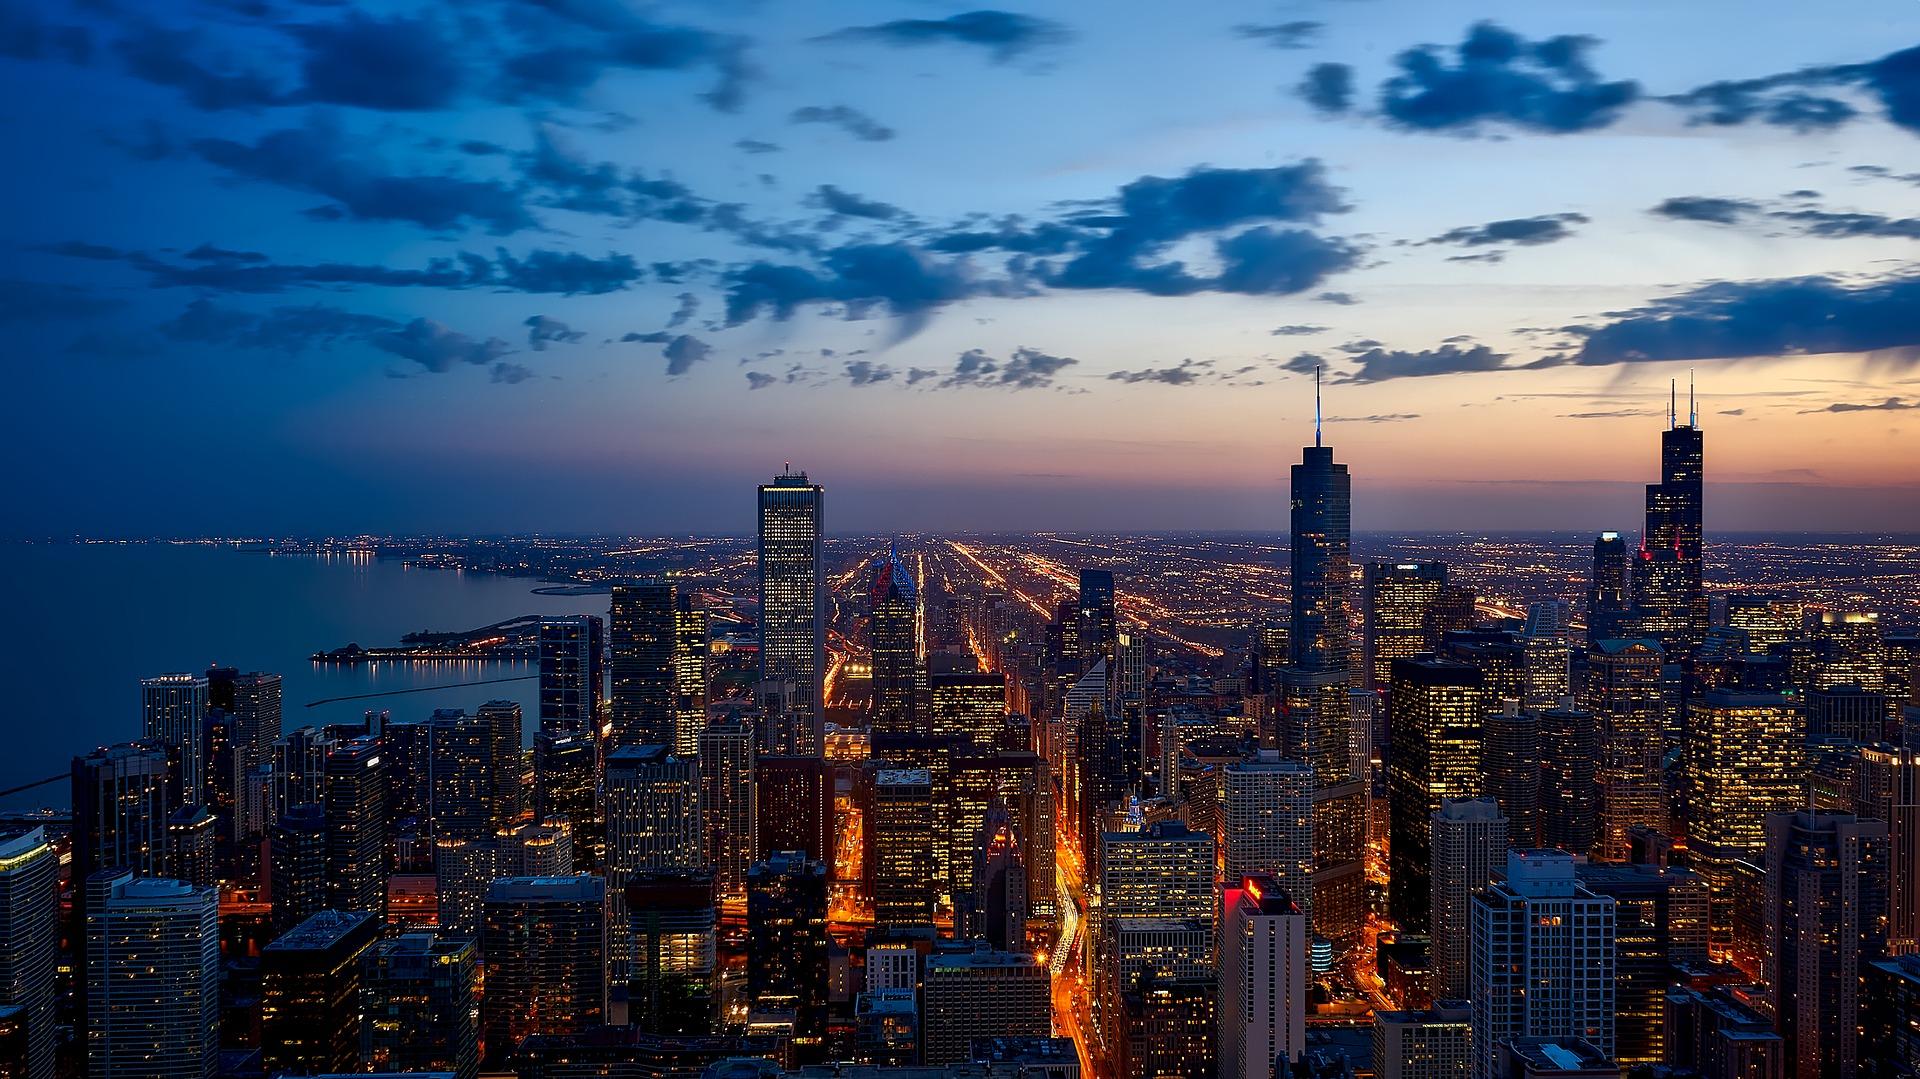 chicago-1804479_1920.jpg